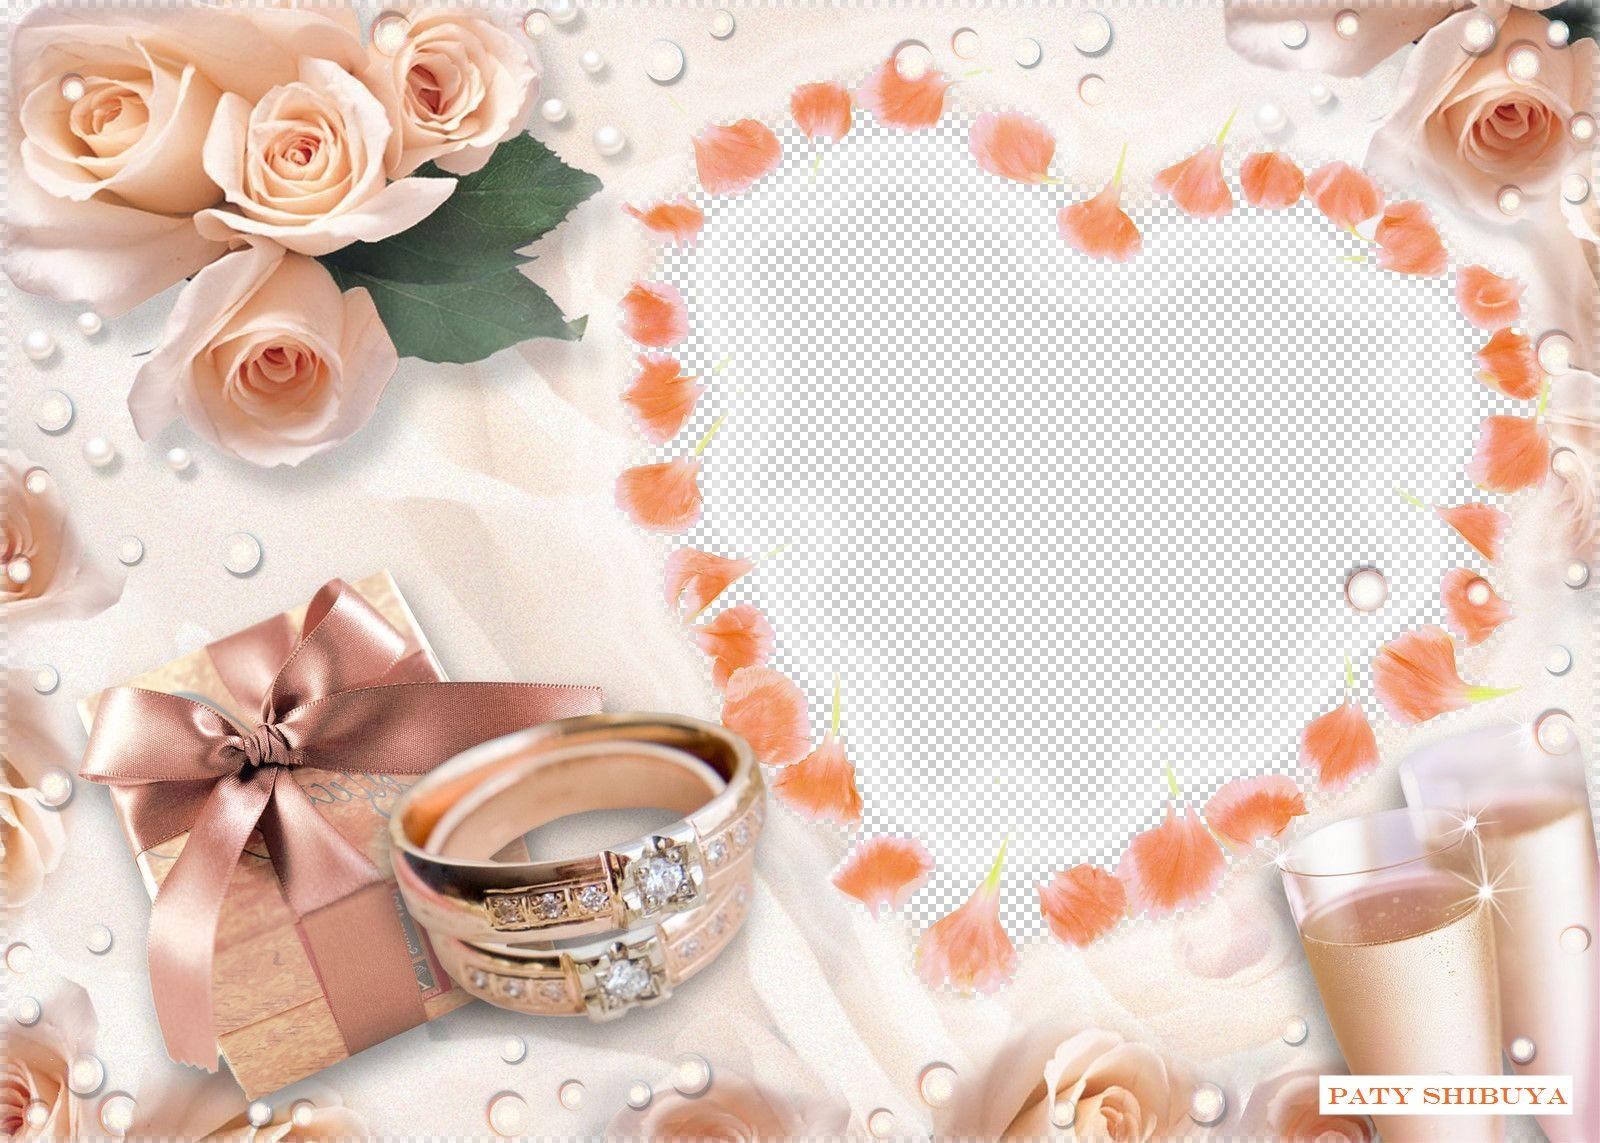 Se é uma daquelas pessoas que achava que as Bodas se limitavam a Bodas de Prata e Bodas de Ouro, está muito enganada, em cada ano de casamento celebra-se